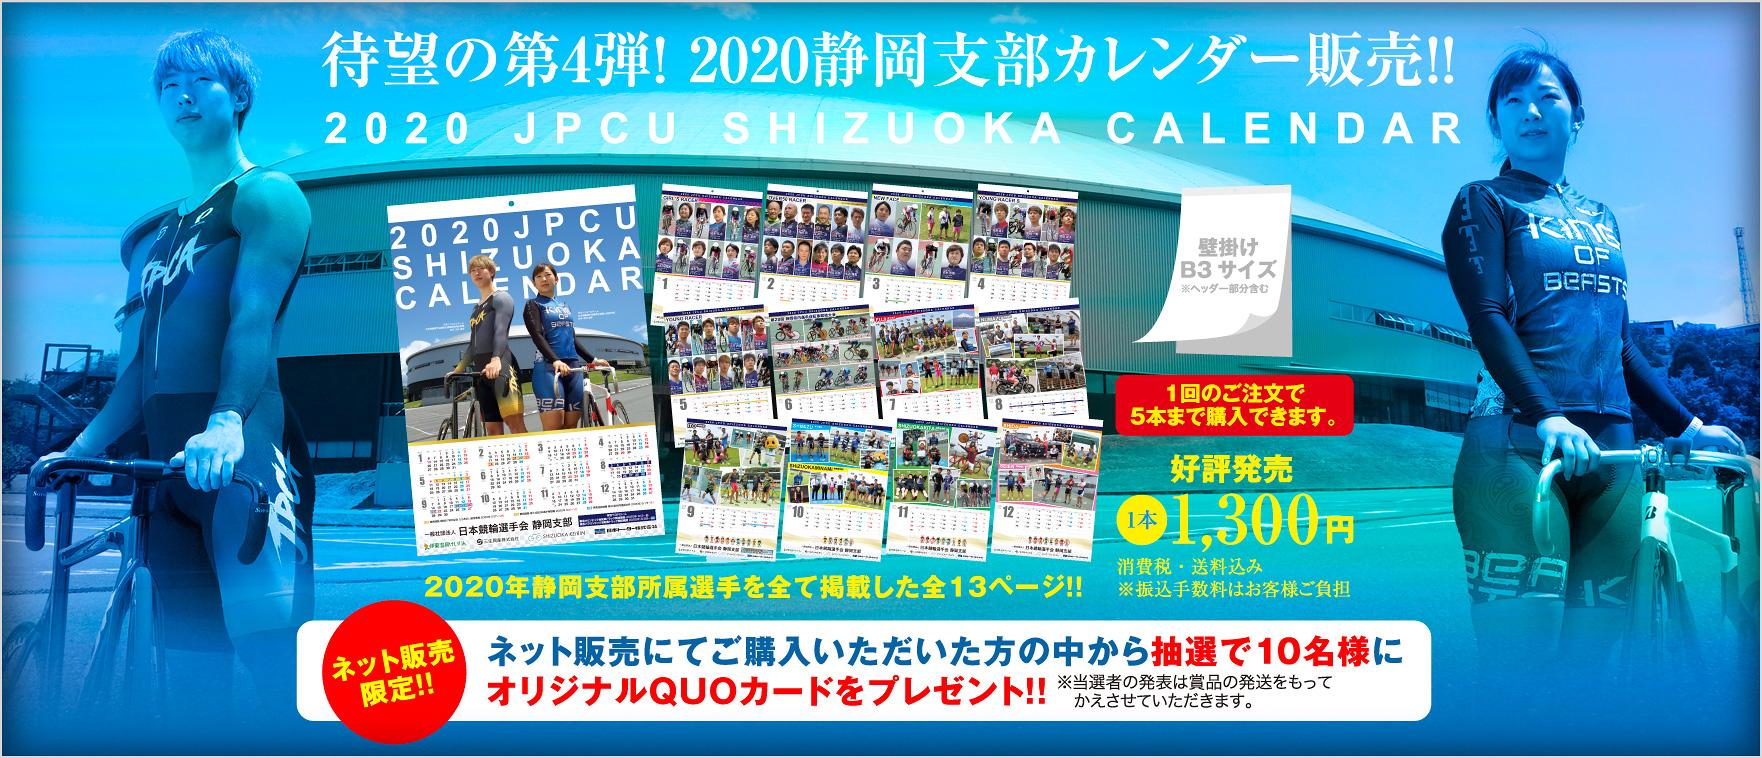 静岡支部2020カレンダー